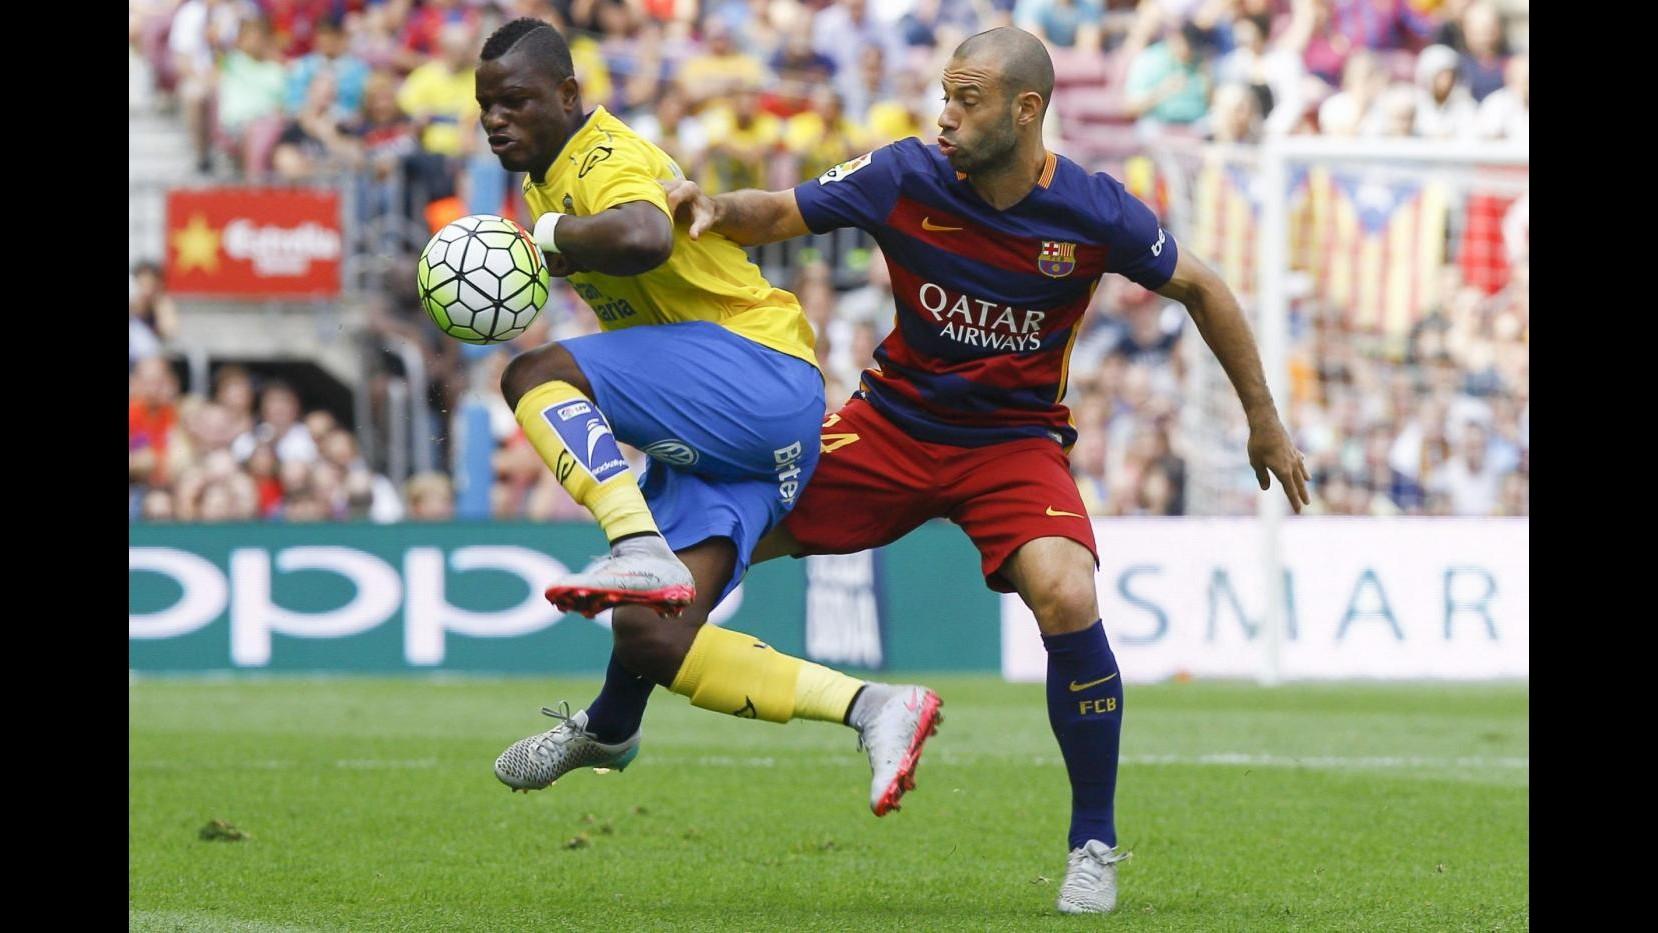 Calcio, Barcellona: Mascherano in tribunale per evasione fiscale